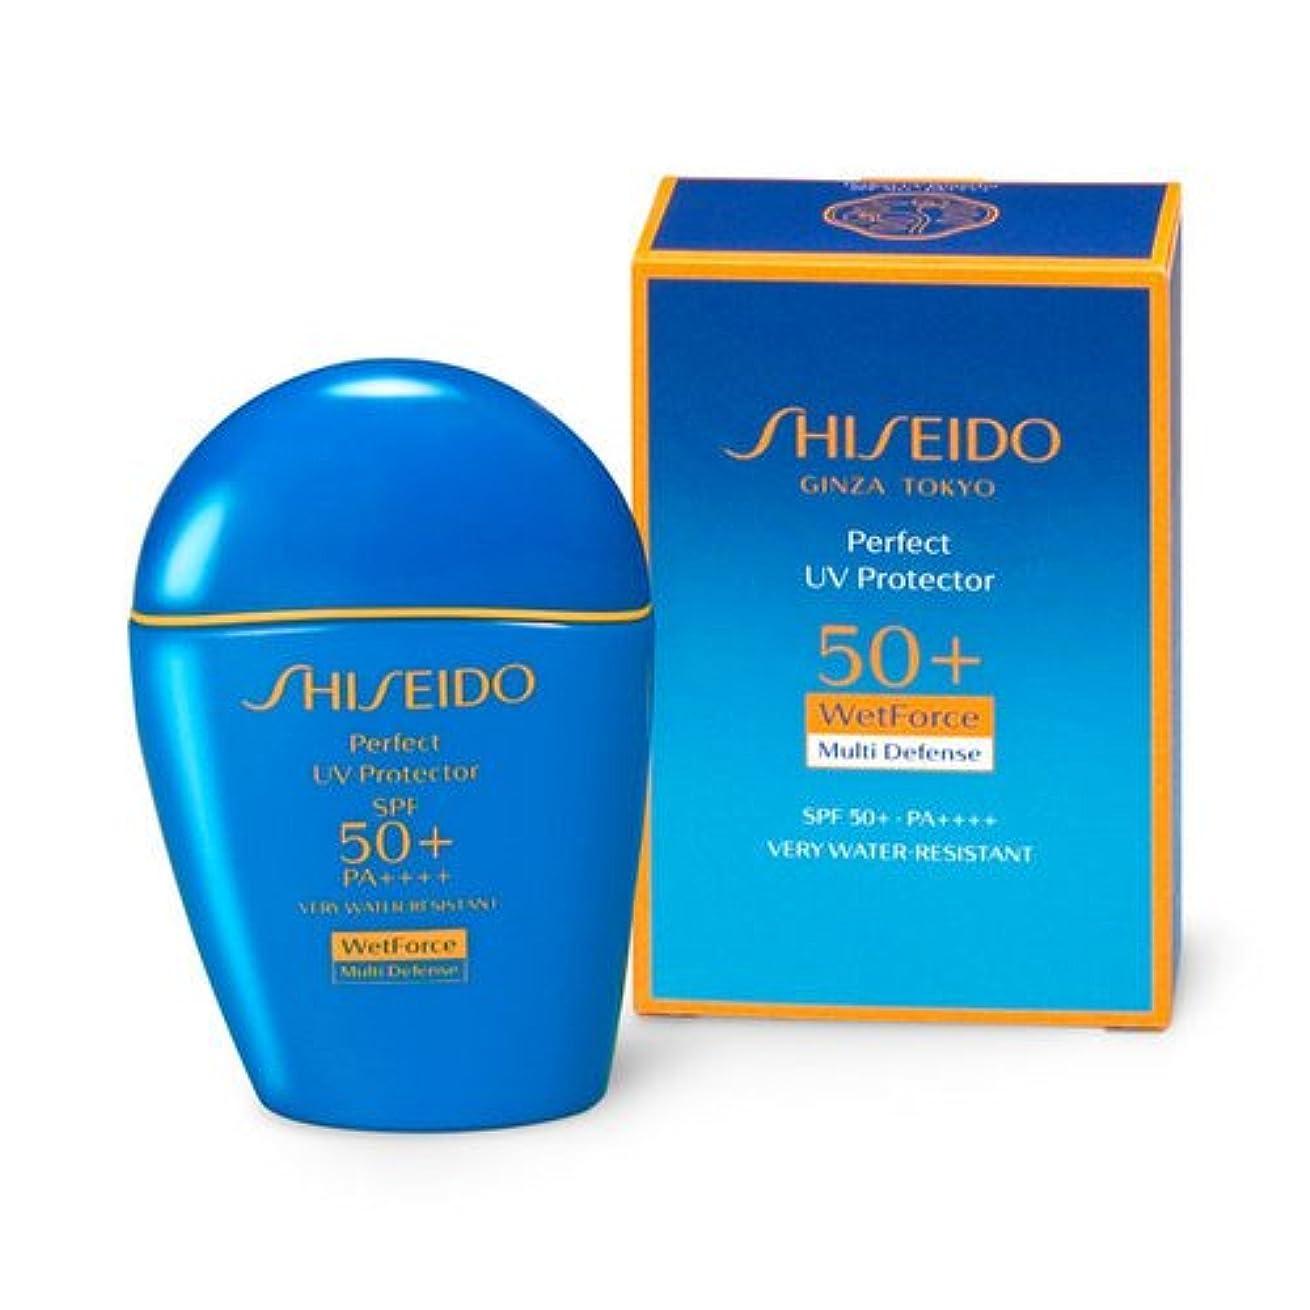 カテゴリーゼロ具体的にSHISEIDO Suncare(資生堂 サンケア) SHISEIDO(資生堂) パーフェクト UVプロテクター 50mL